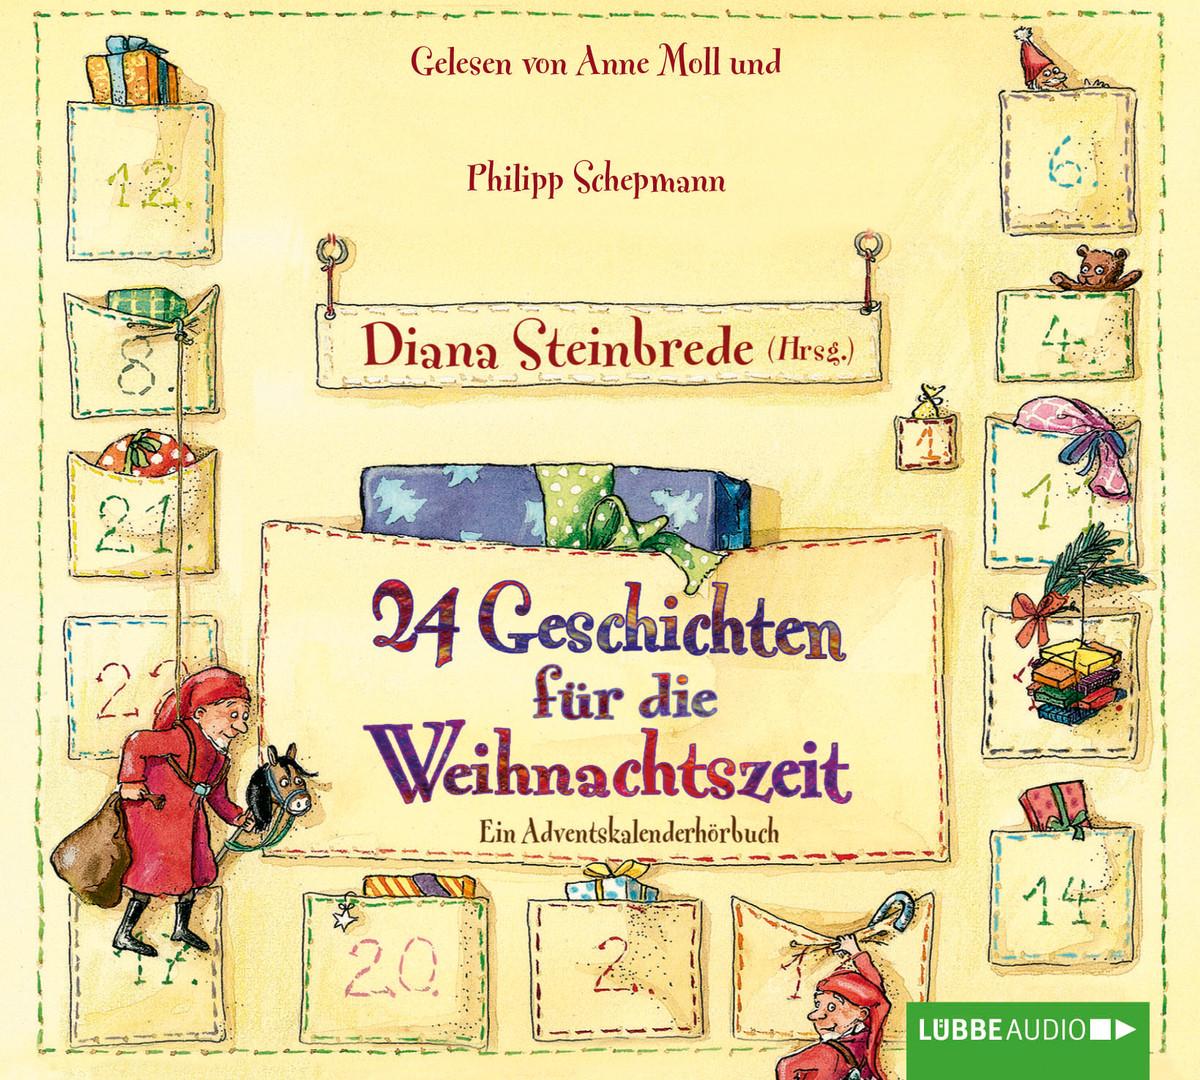 Diana Steinbrede - 24 Geschichten für die Weihnachtszeit